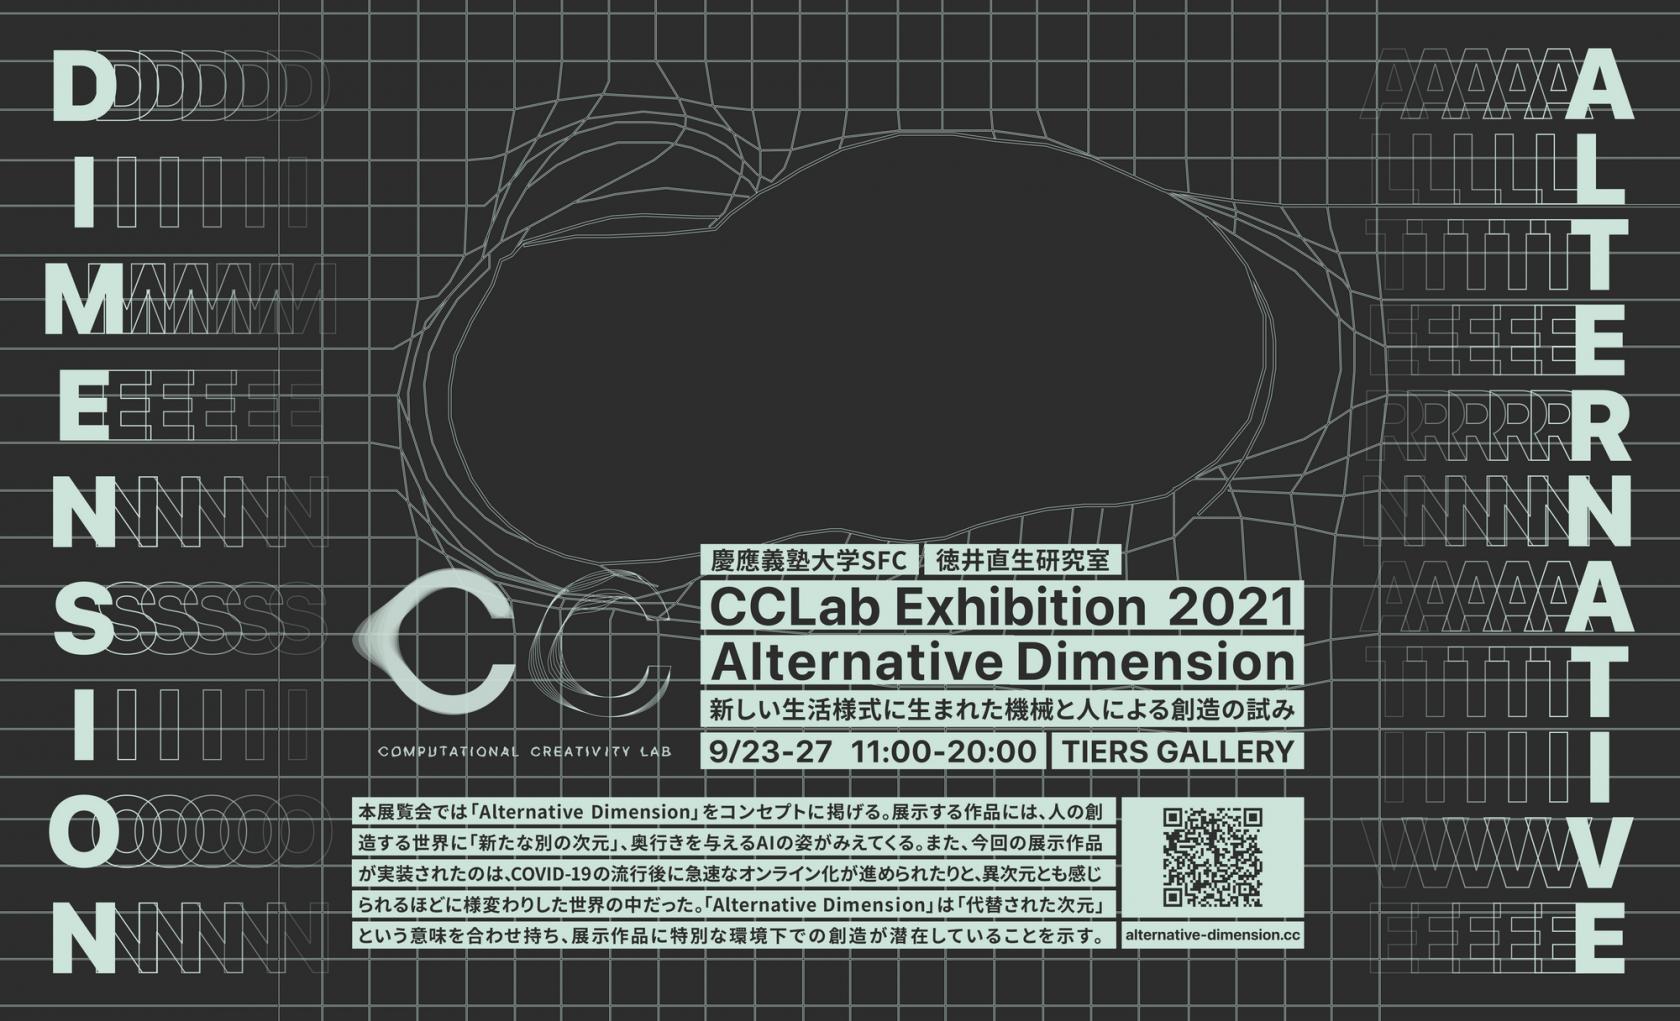 慶應義塾大学SFC 徳井直生研究室 CCLab Exhibition 2021 Alternative Dimension -新しい生活様式に生まれた機械と人による創造の試み-